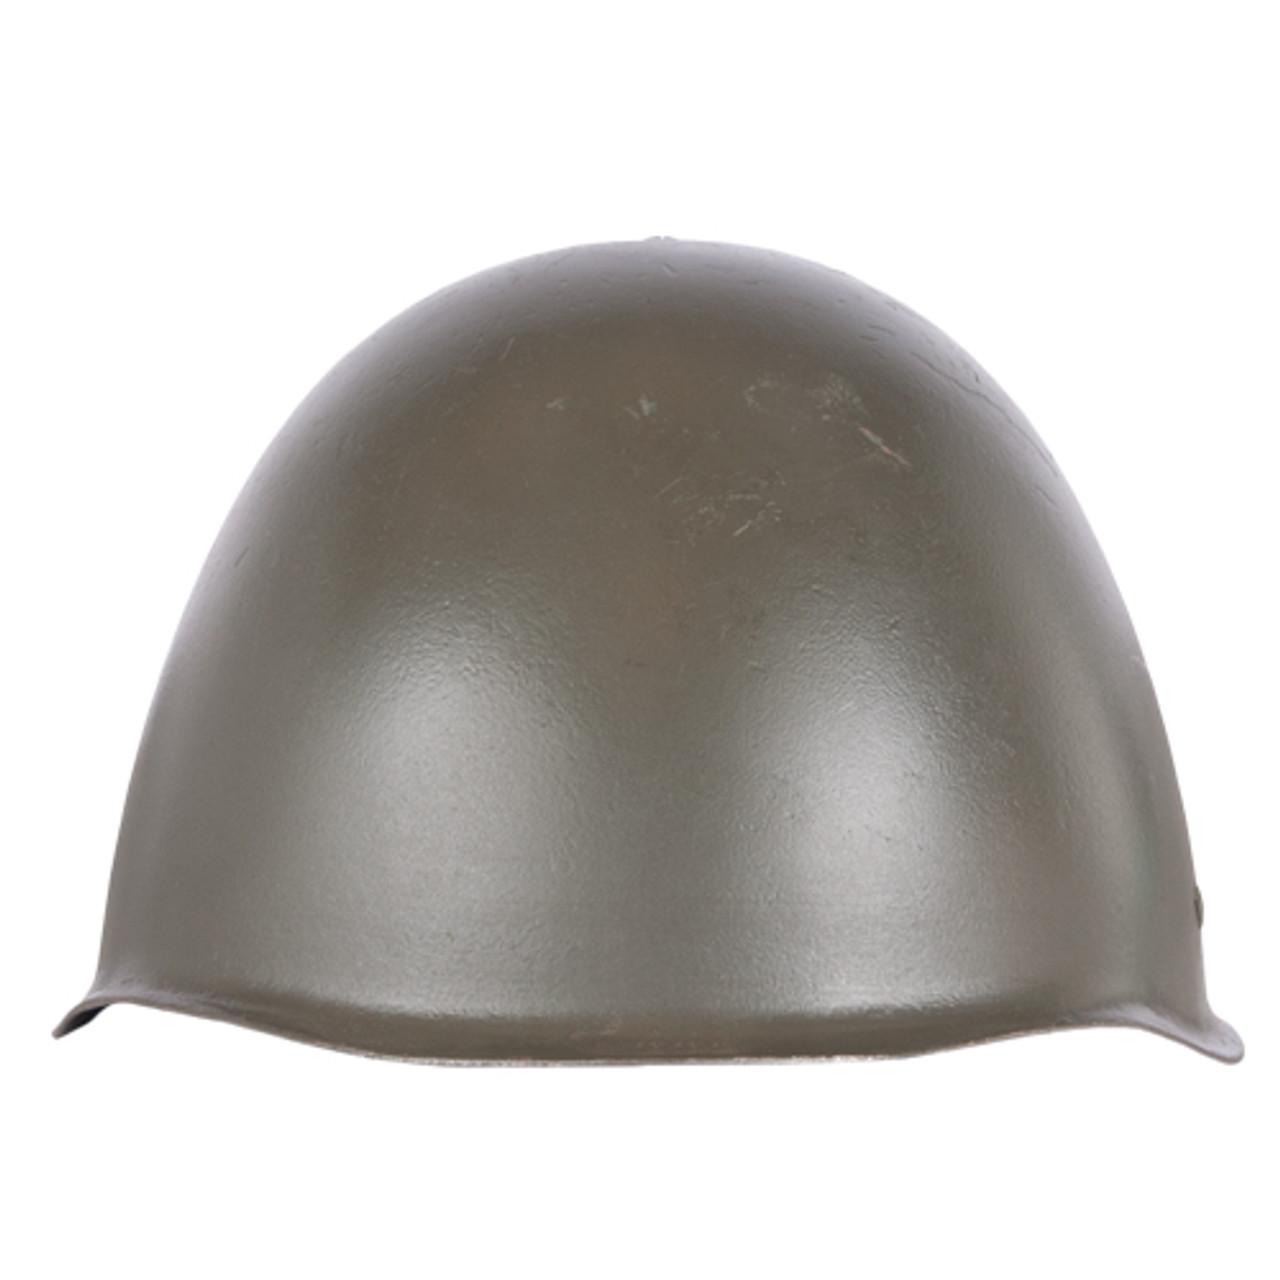 Surplus Polish Military Steel Helmet